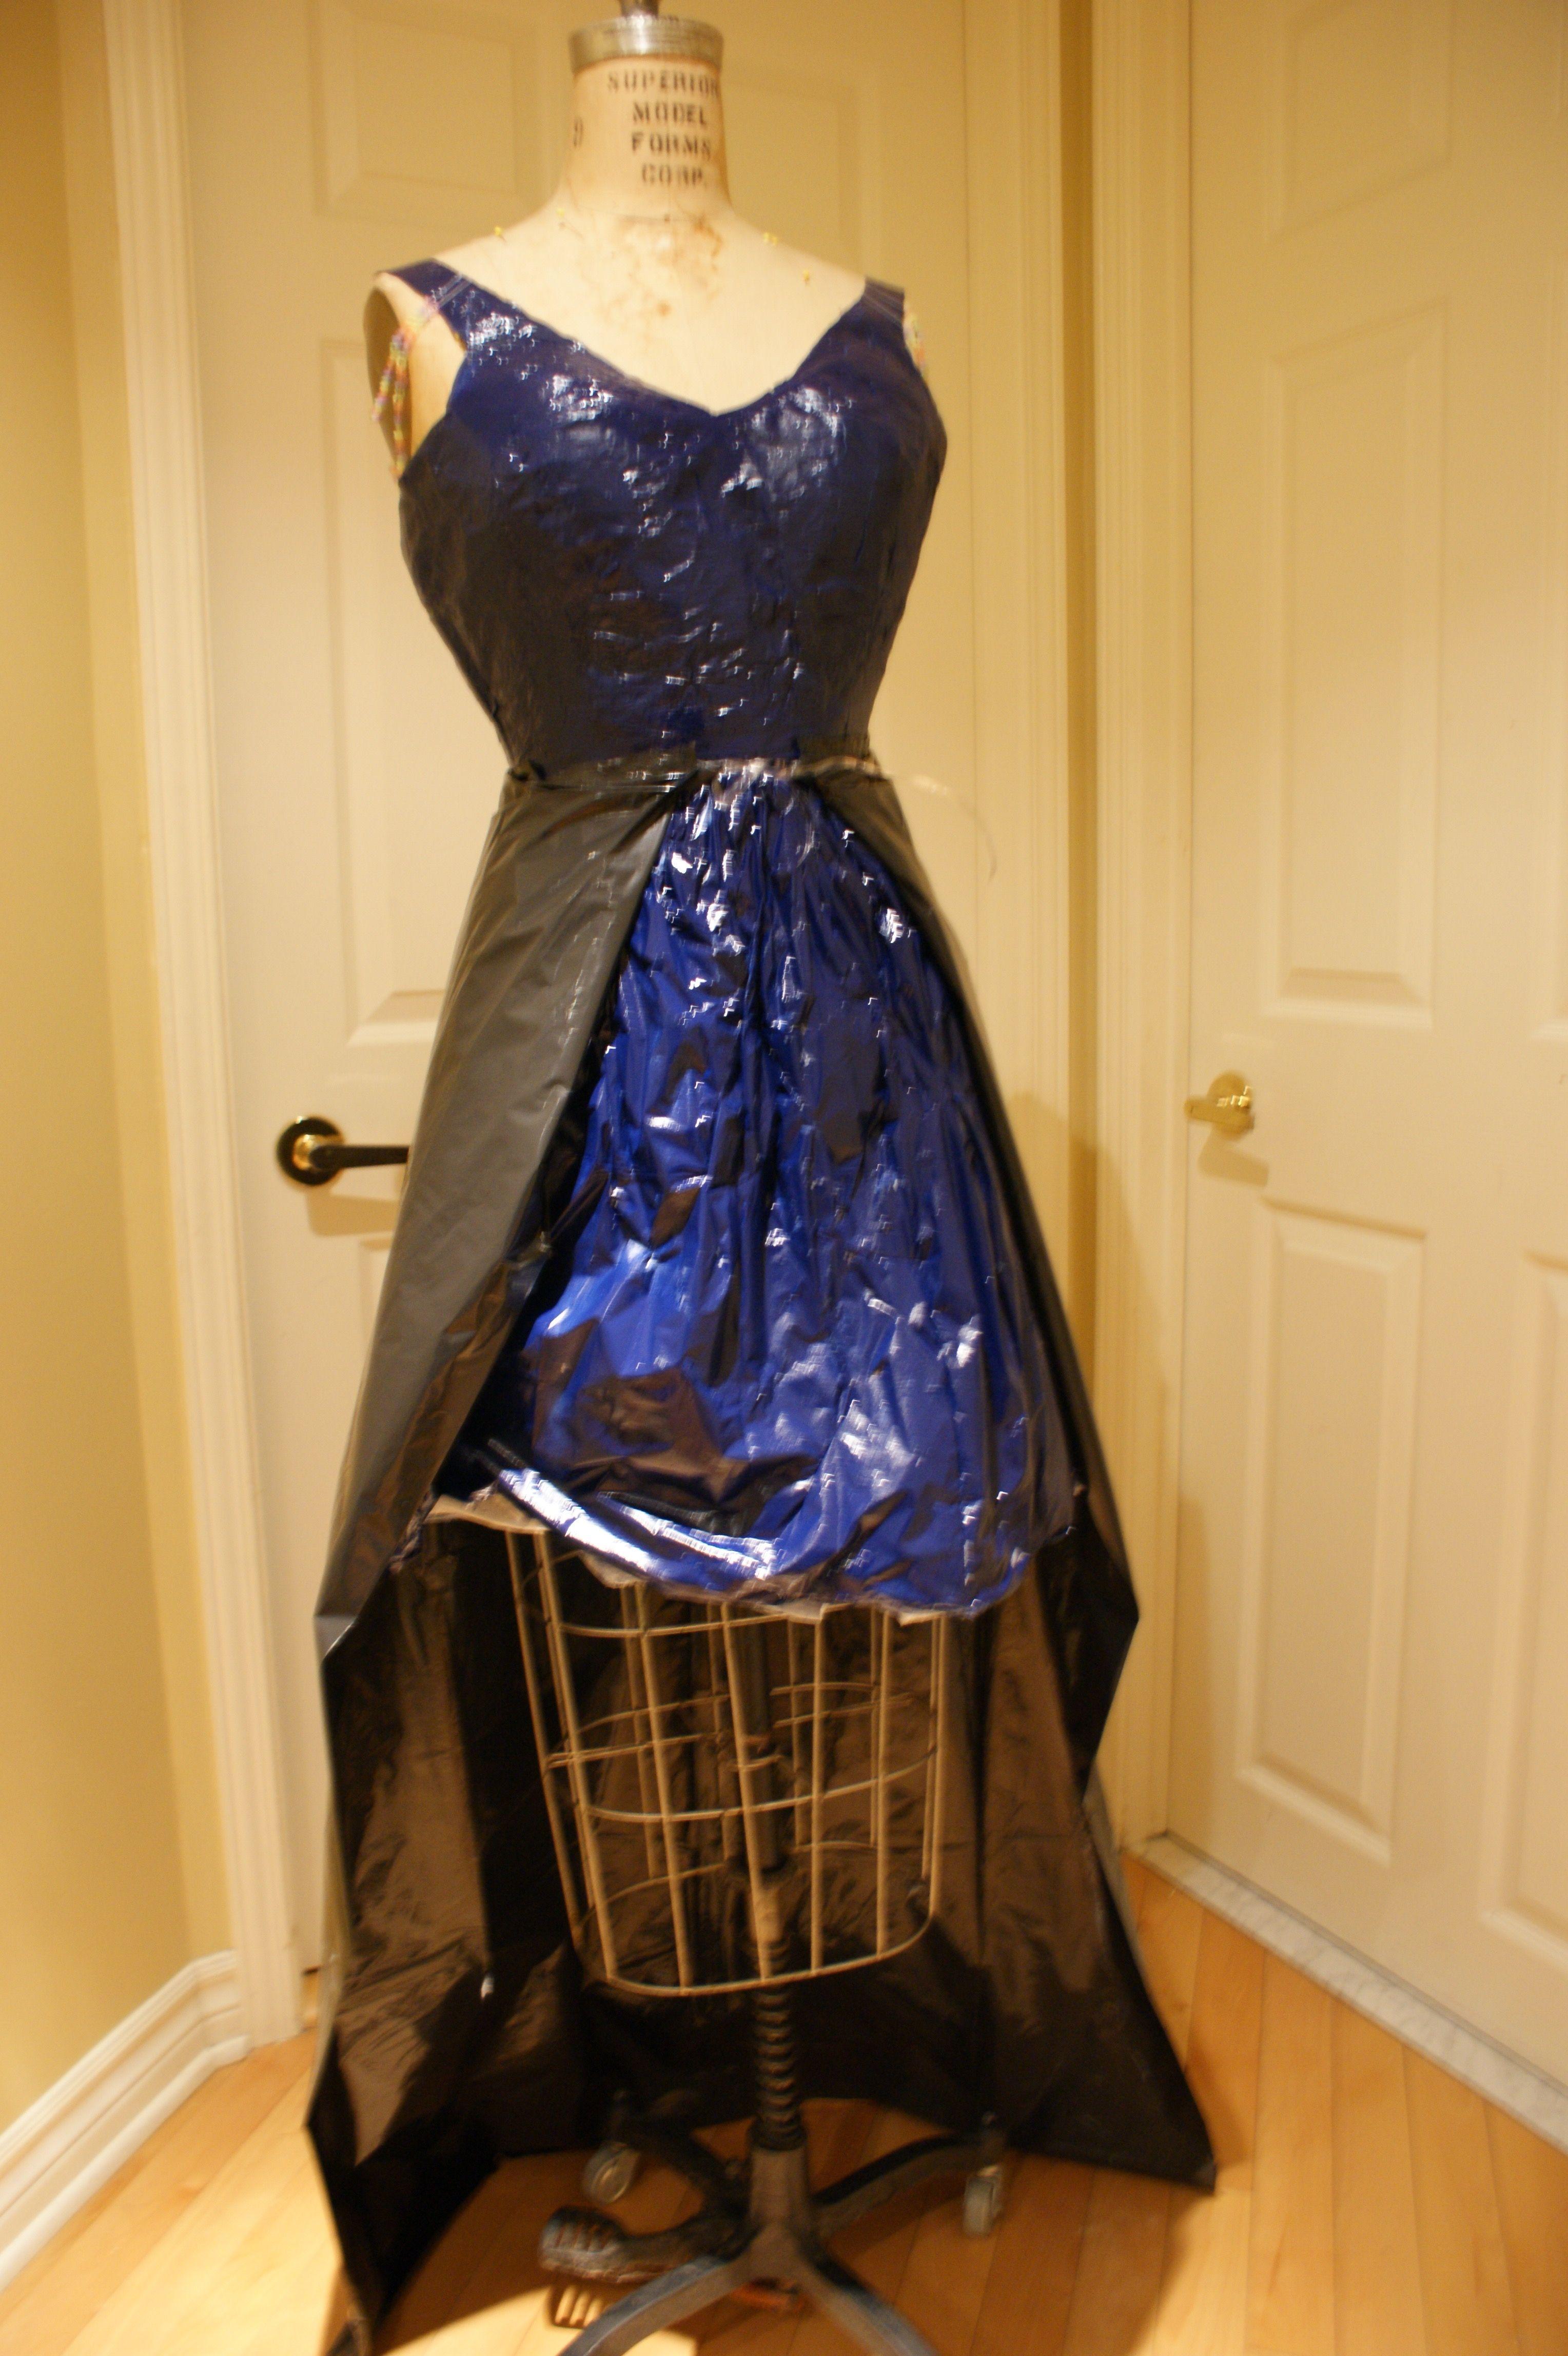 Mon projet personnel consiste à fabriquer une robe pour montrer que l'humain porte la responsabilité de la pollution causée par les déchets en plastique. Mon produit vise à sensibiliser les gens à la surutilisation du plastique. Pour plus d'information à propos du projet voir: https://www.tumblr.com/blog/ppstella